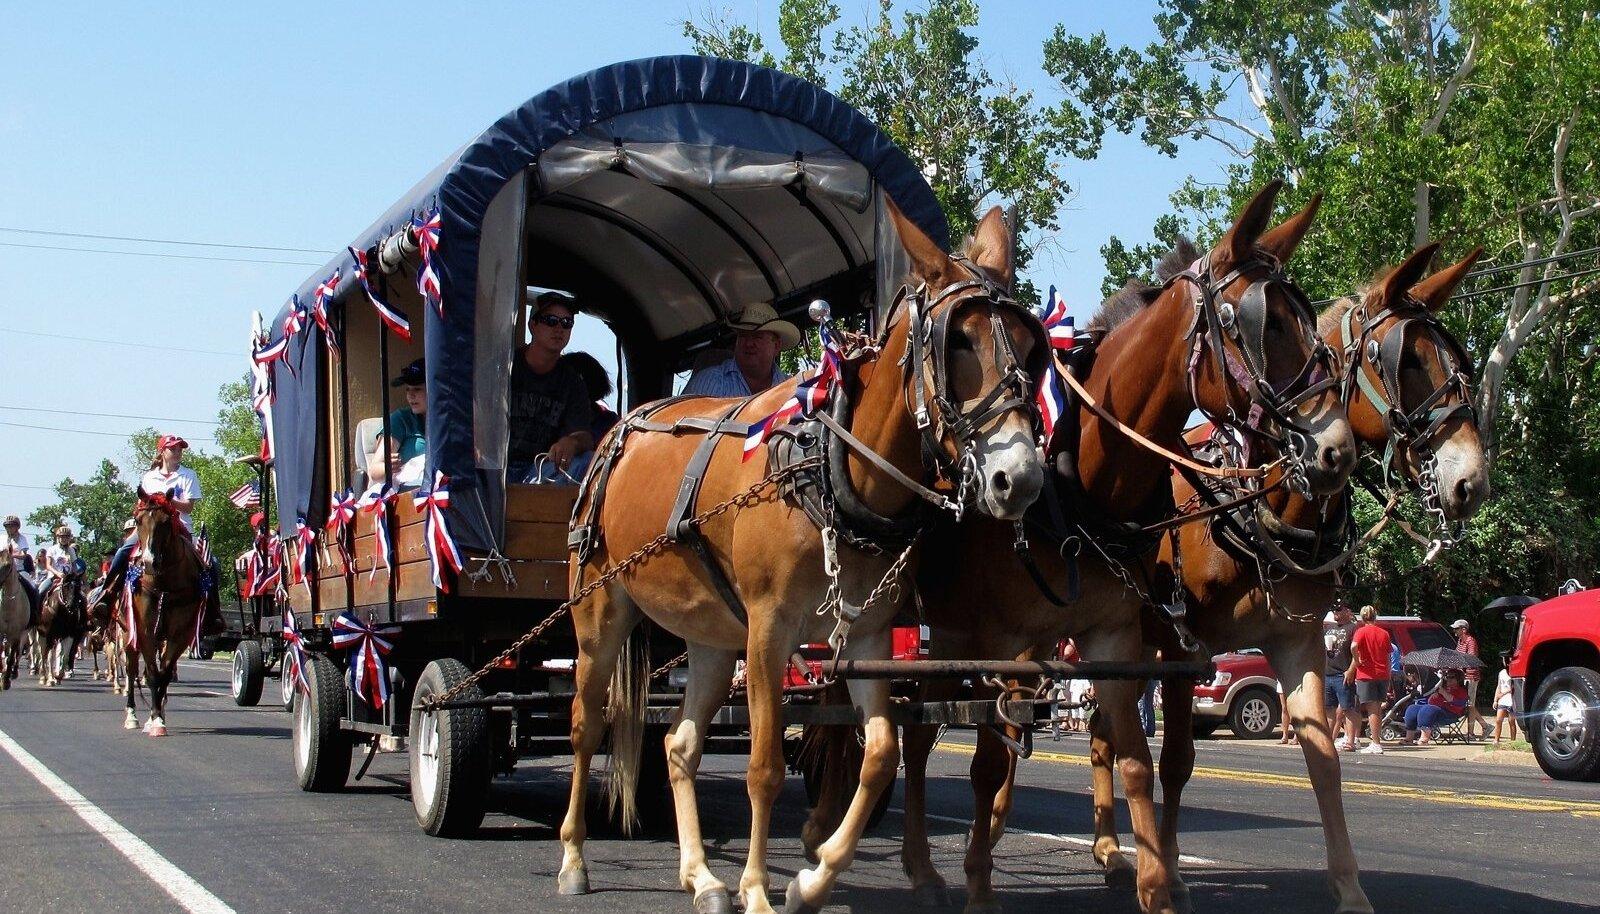 Hobuvanker USA iseseisvuspäeva pidustustel Texases Centerville'is 4. juulil. Texase iseseisvuspäev on 2. märtsil.